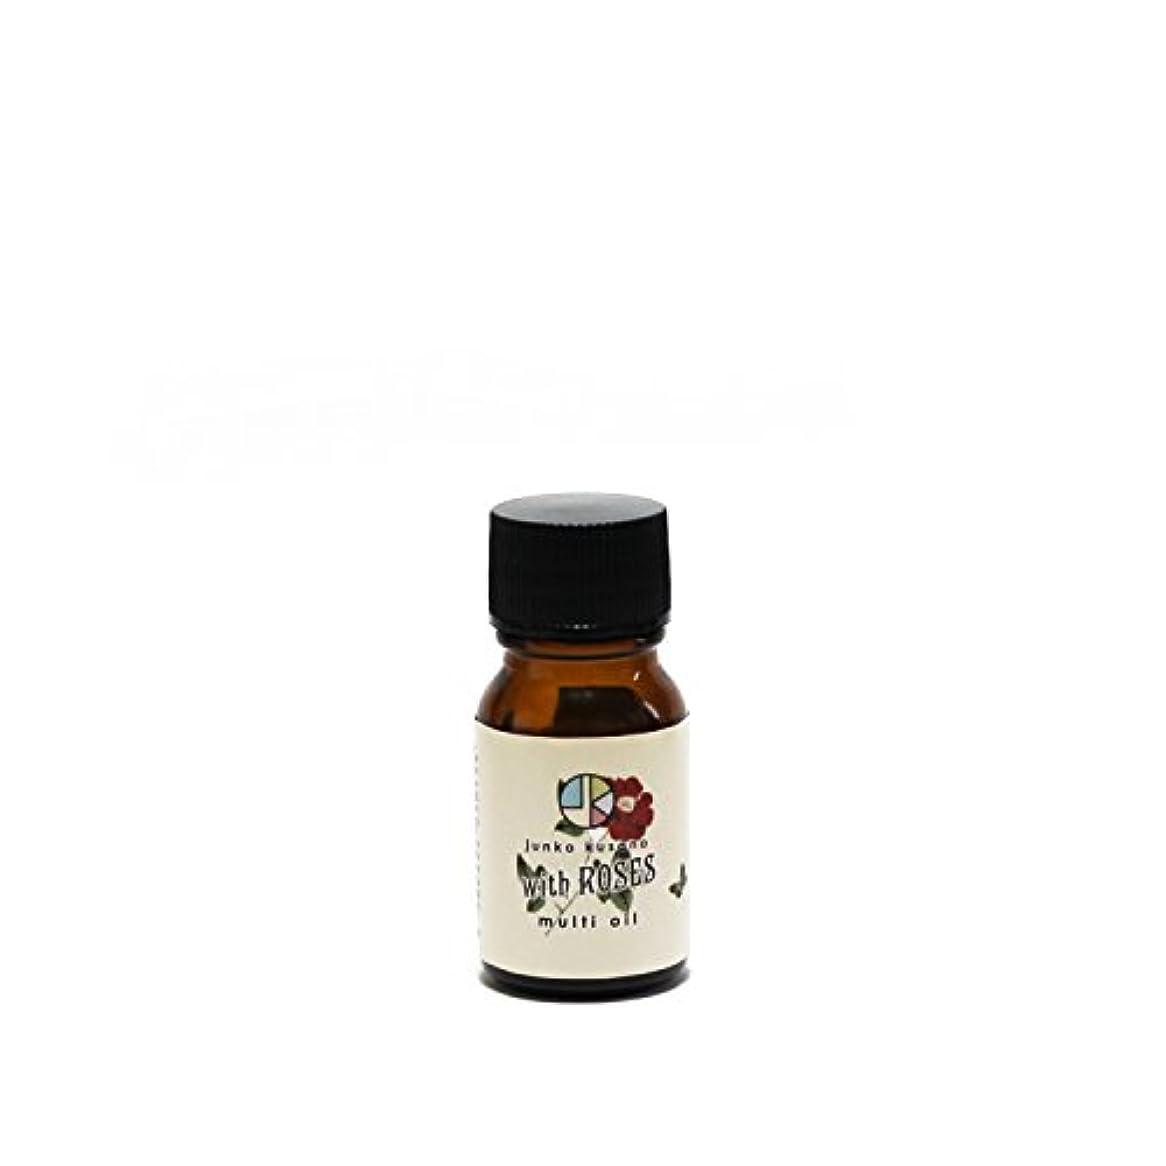 民族主義ドロップ当社junko kusano multi oil with Roses mini マルチオイルwithローズ ミニボトル10ml